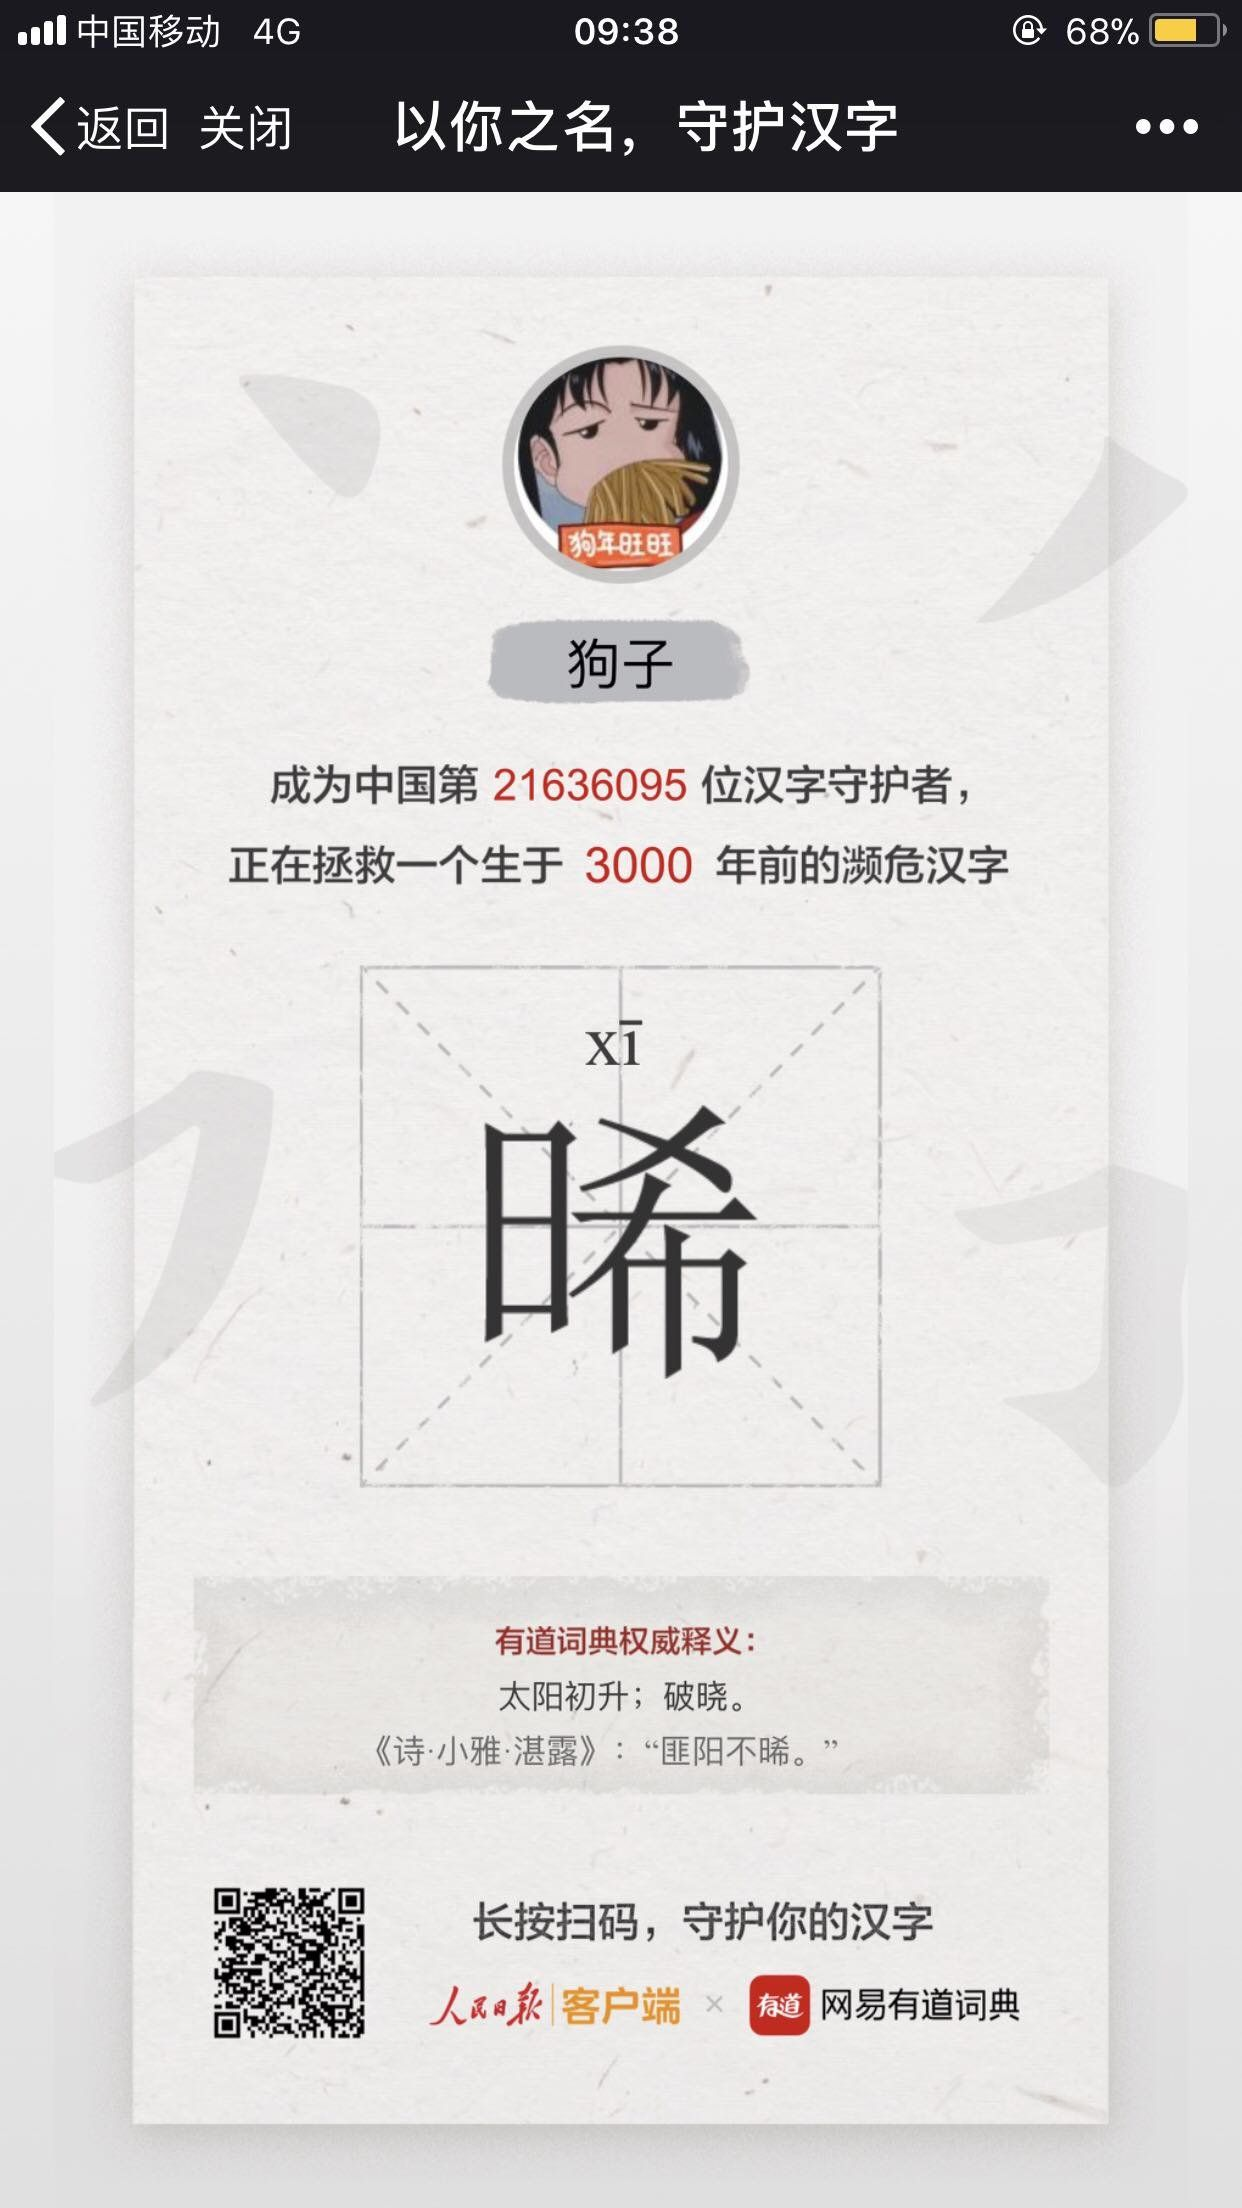 以你之名守护汉字游戏官网下载网易版下载图3: